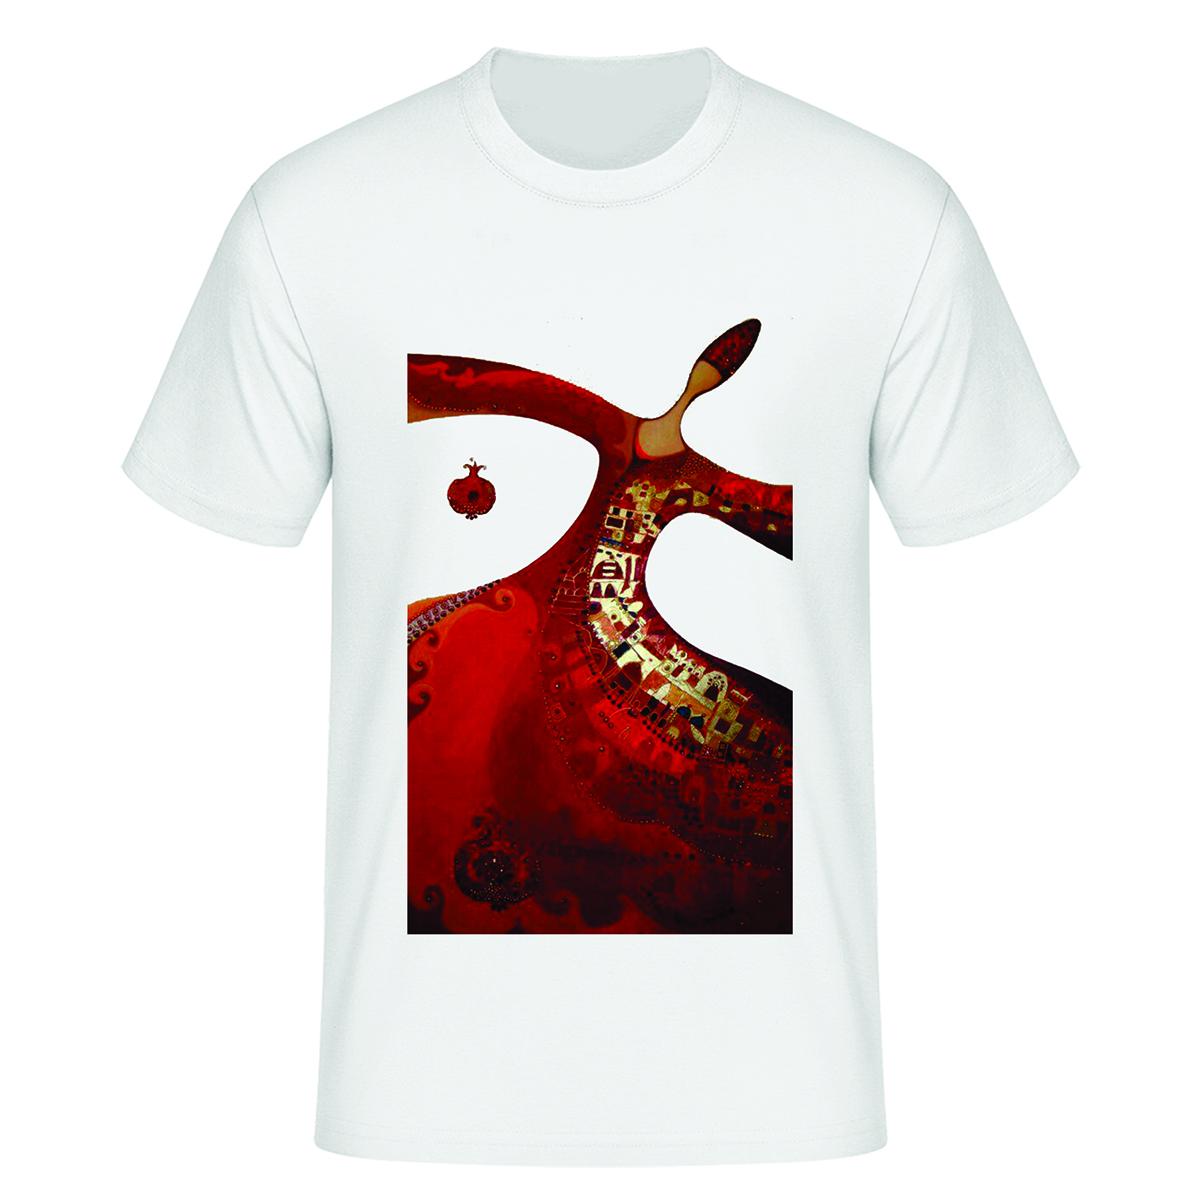 تی شرت آستین کوتاه زنانه مدل شب یلدا کد tps49